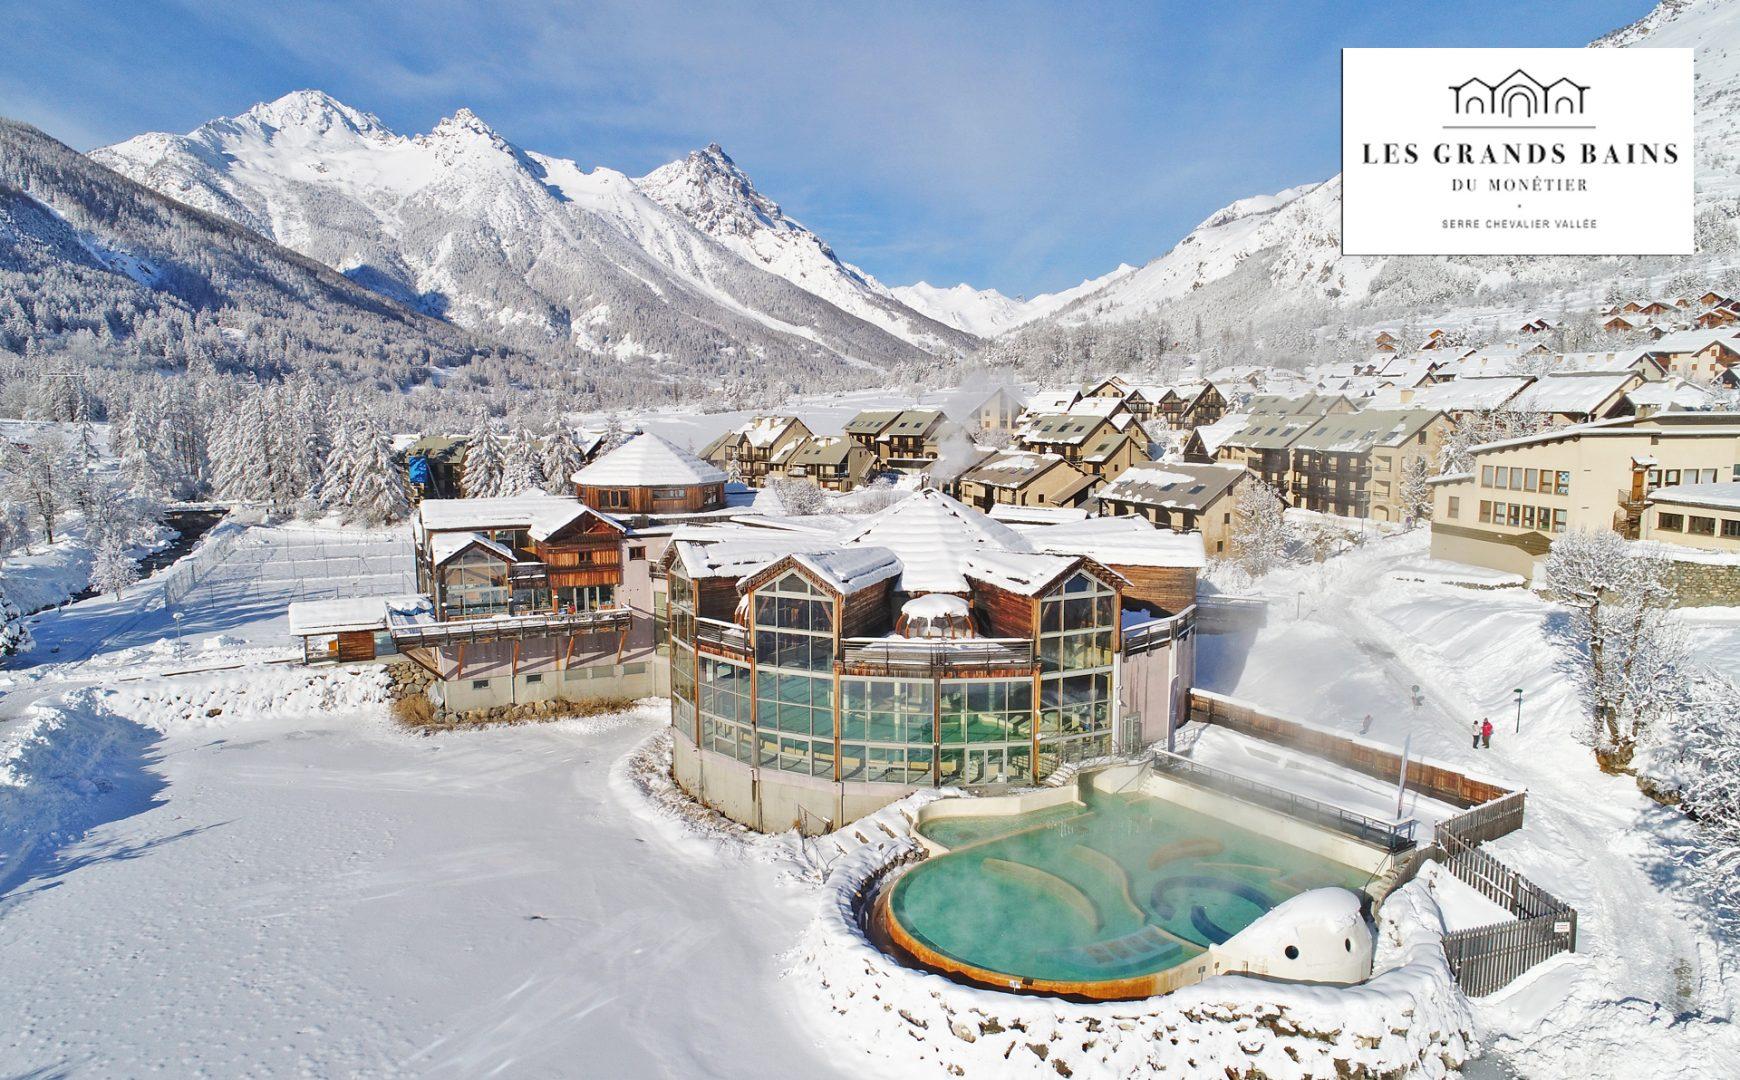 Les_Grands_Bains_du_Monetier_Brianconnais_Hautes_Alpes